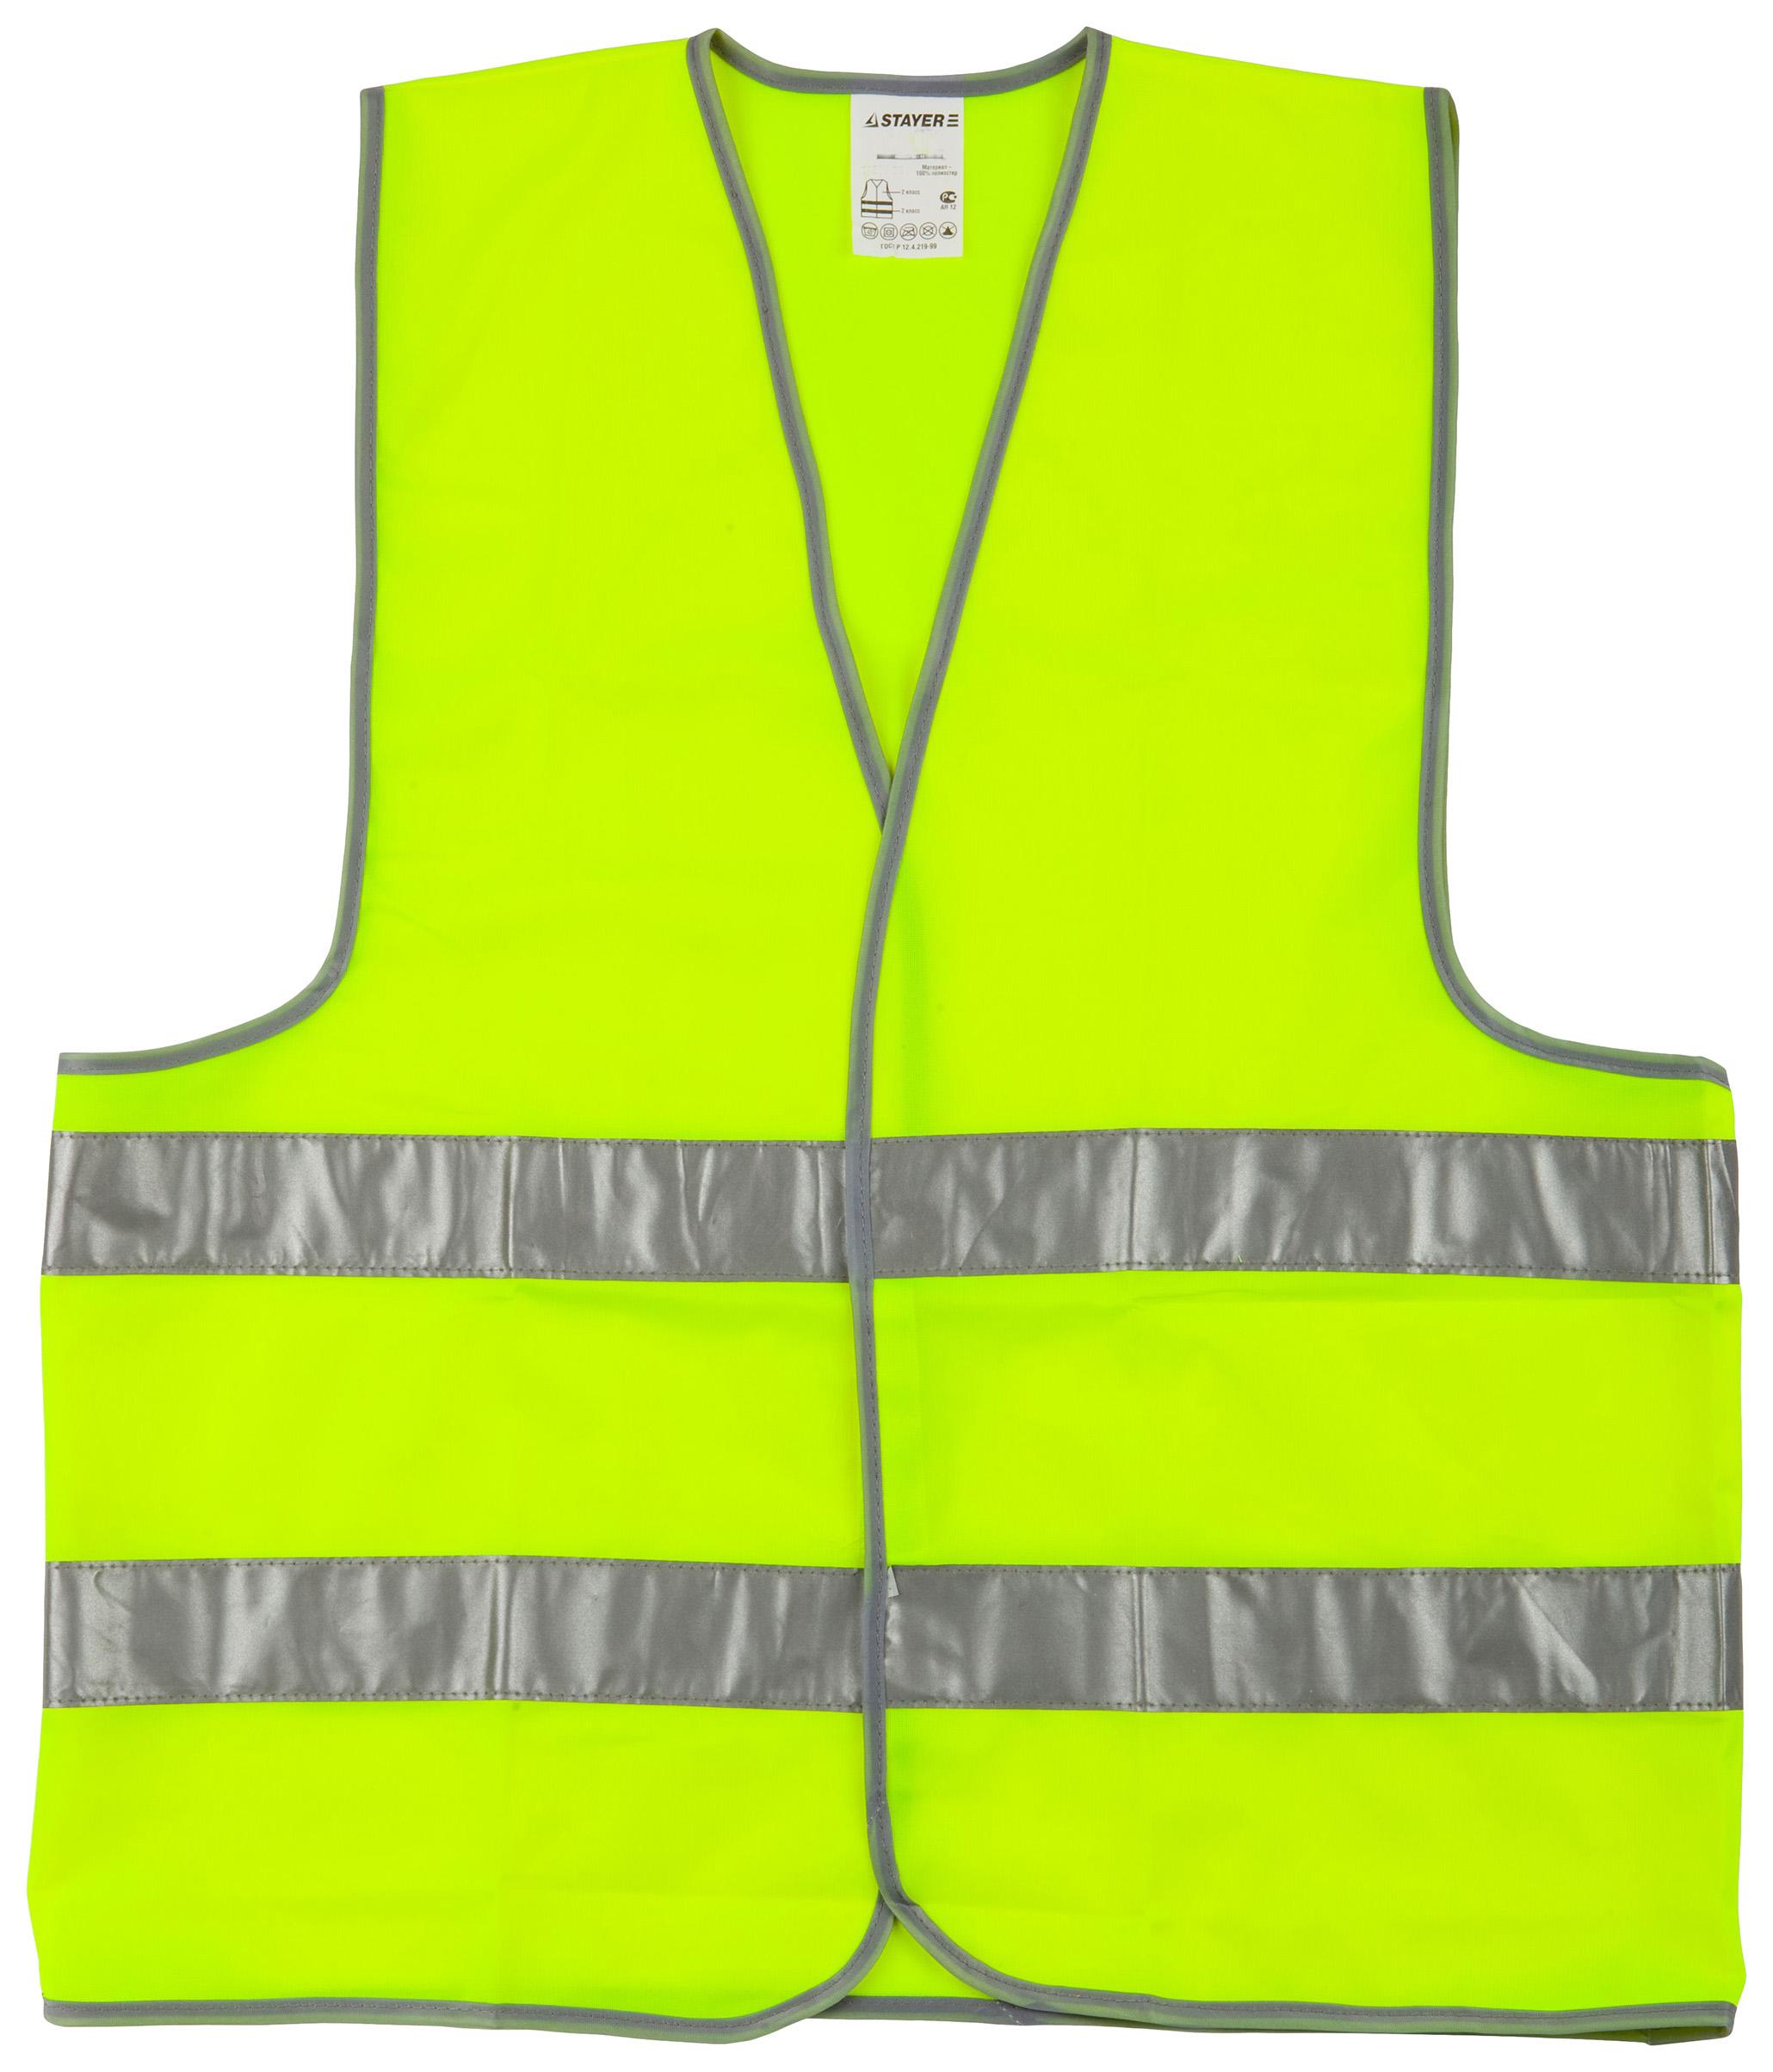 STAYER Жилет сигнальный со светоотражающими полосками, желтый XL